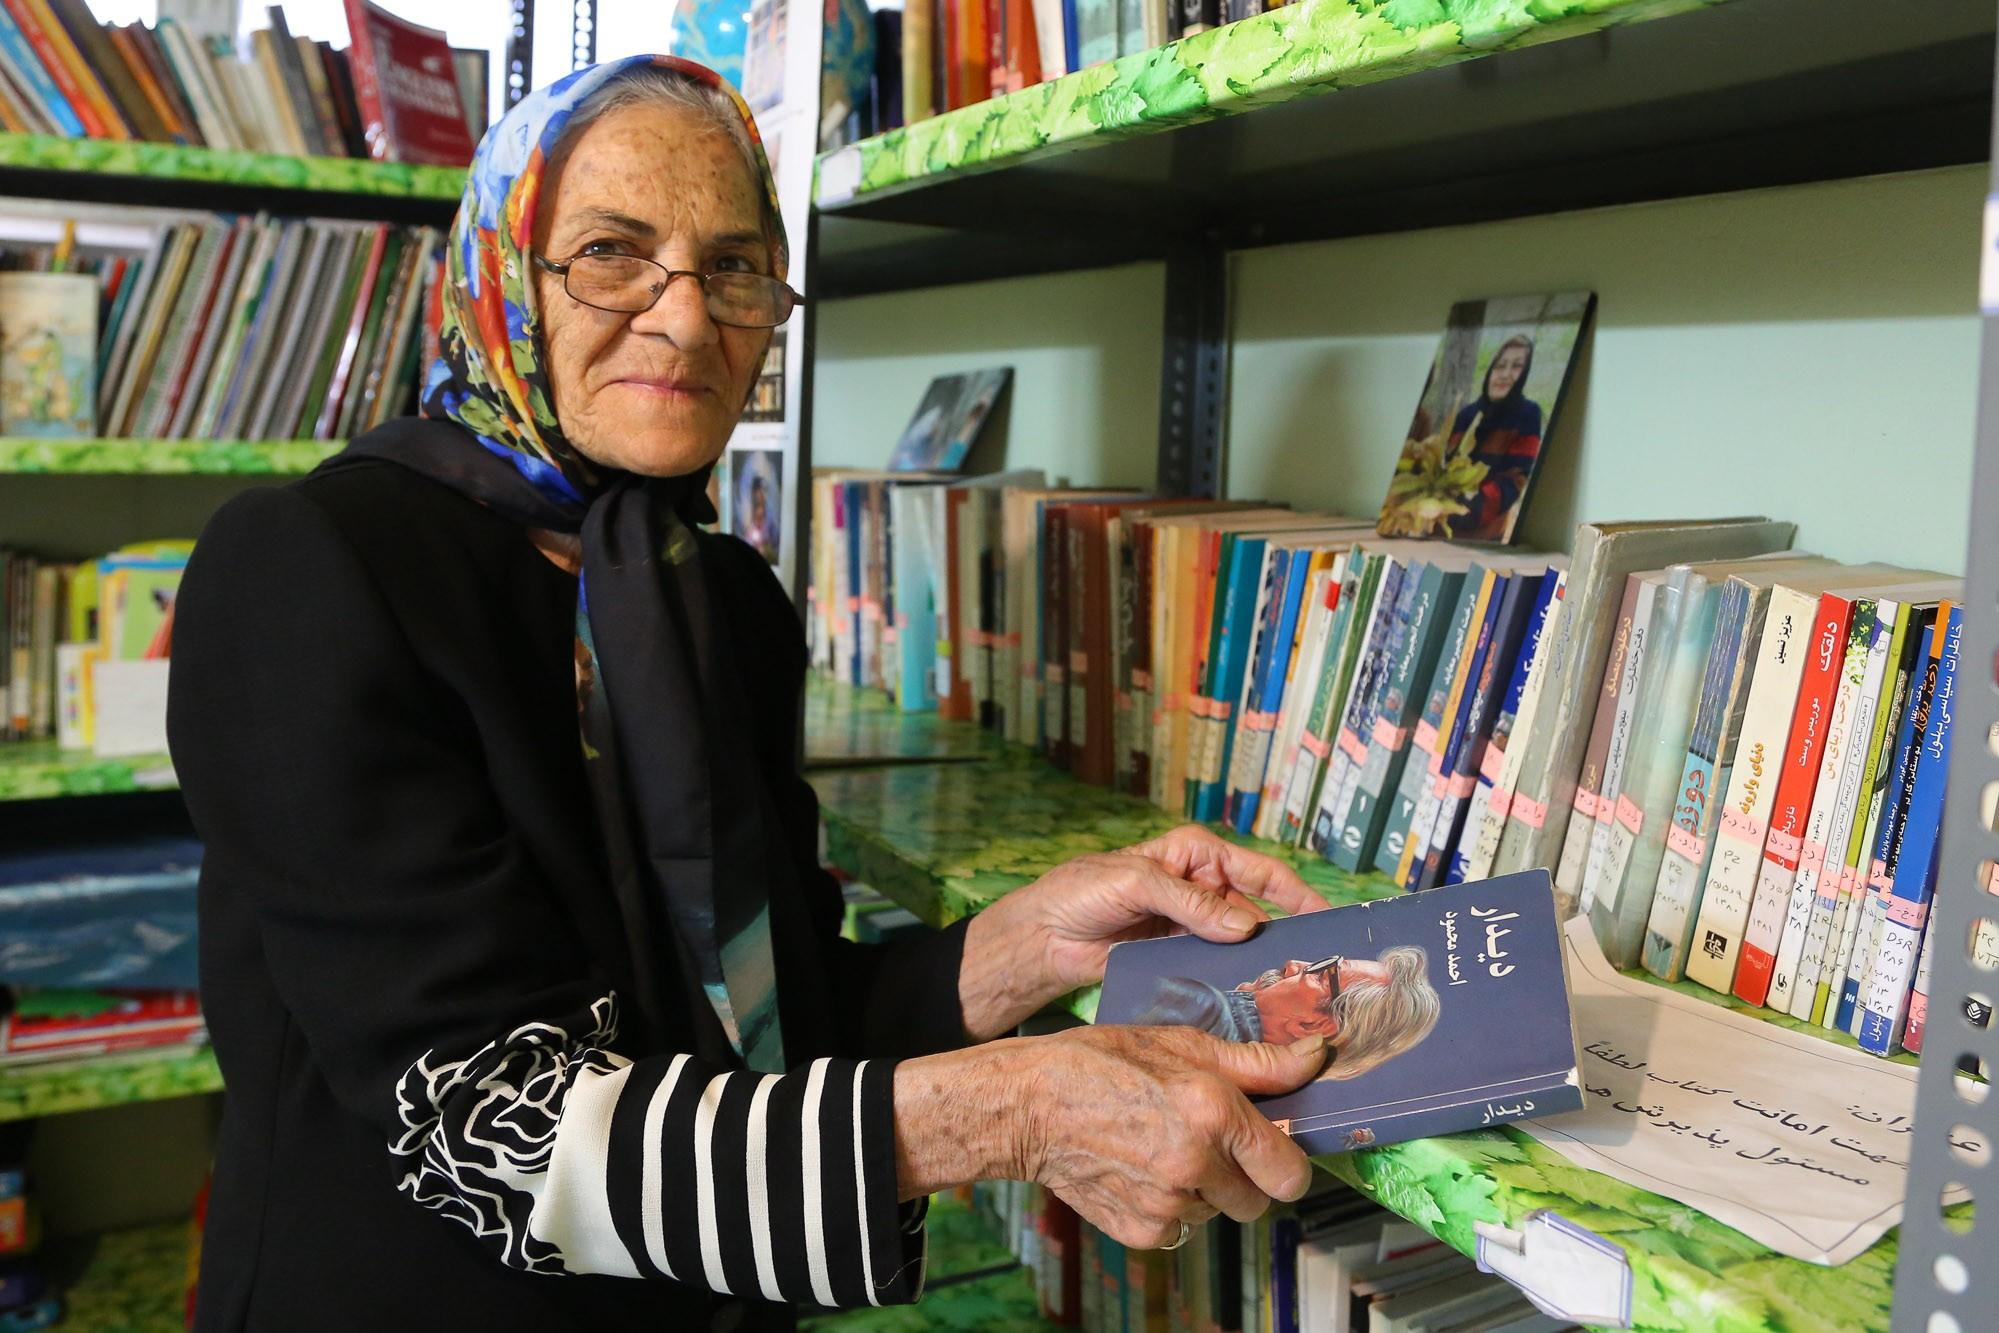 ادبیات فولکلور؛ پلی برای رد و بدل کردن عشق میان بزرگسال و کودک